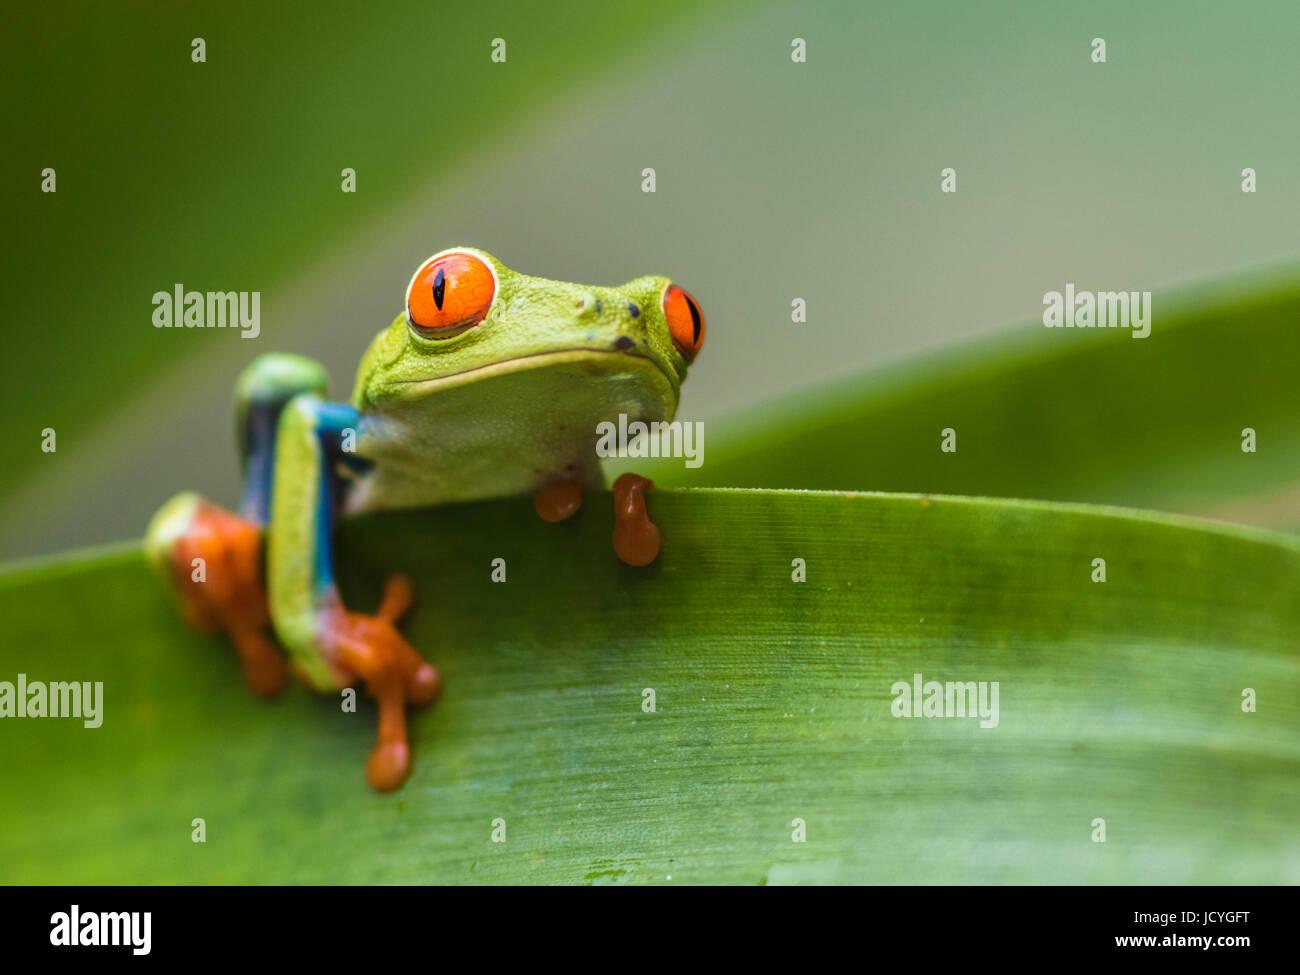 Red-eyed tree frog, agalychnis callidryas, escalade sur une feuille, à la recherche à la caméra, Photo Stock